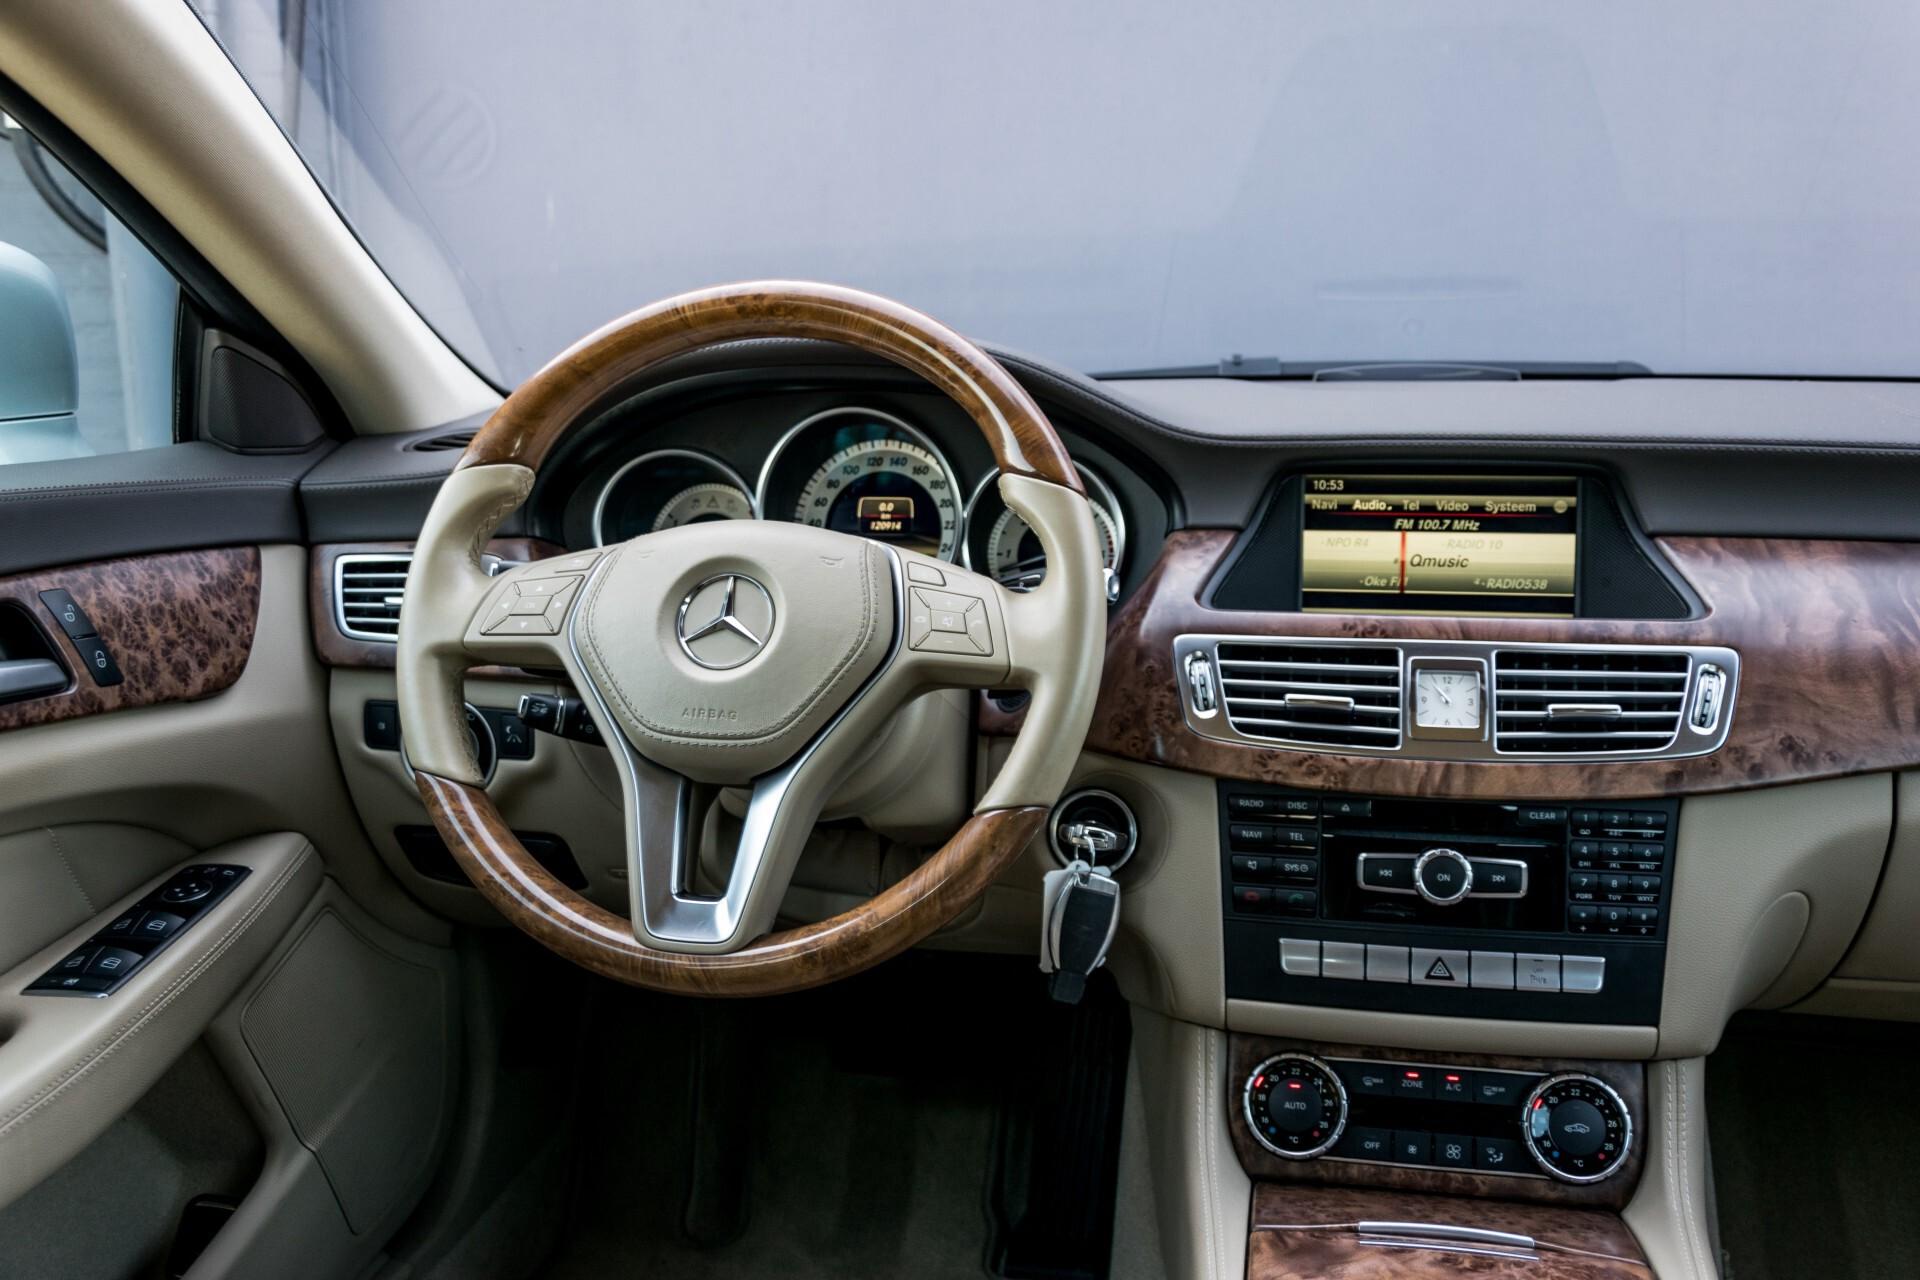 Mercedes-Benz CLS-Klasse 350 Cdi Luchtvering/Distronic/Nachtzicht/AMG/Comand/ILS Aut7 Foto 7